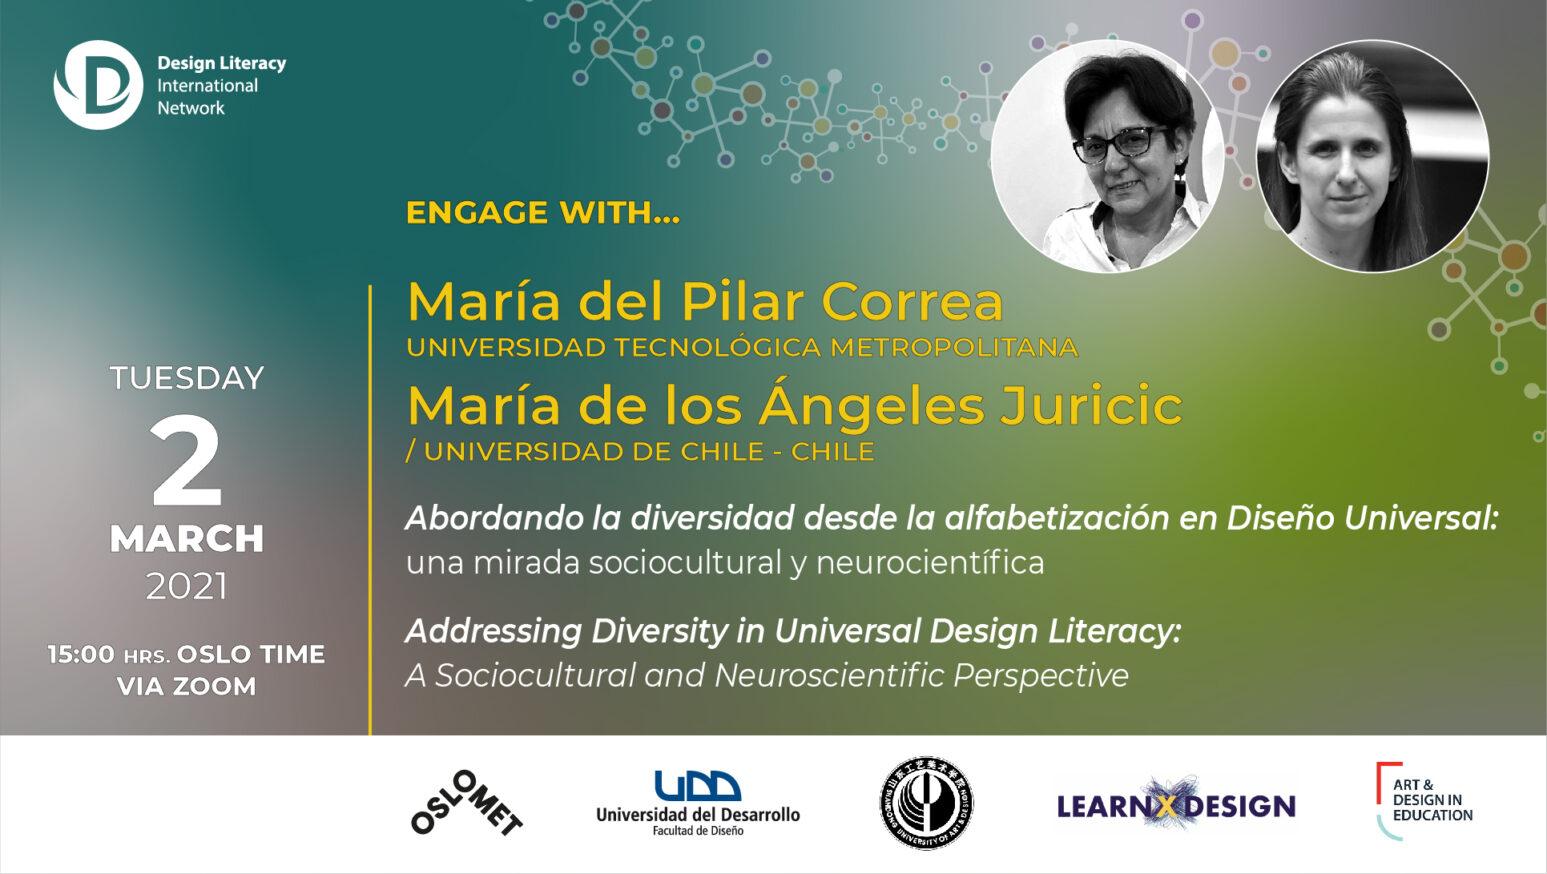 Engage with María del Pilar Correa & María de los Ángeles Juricic